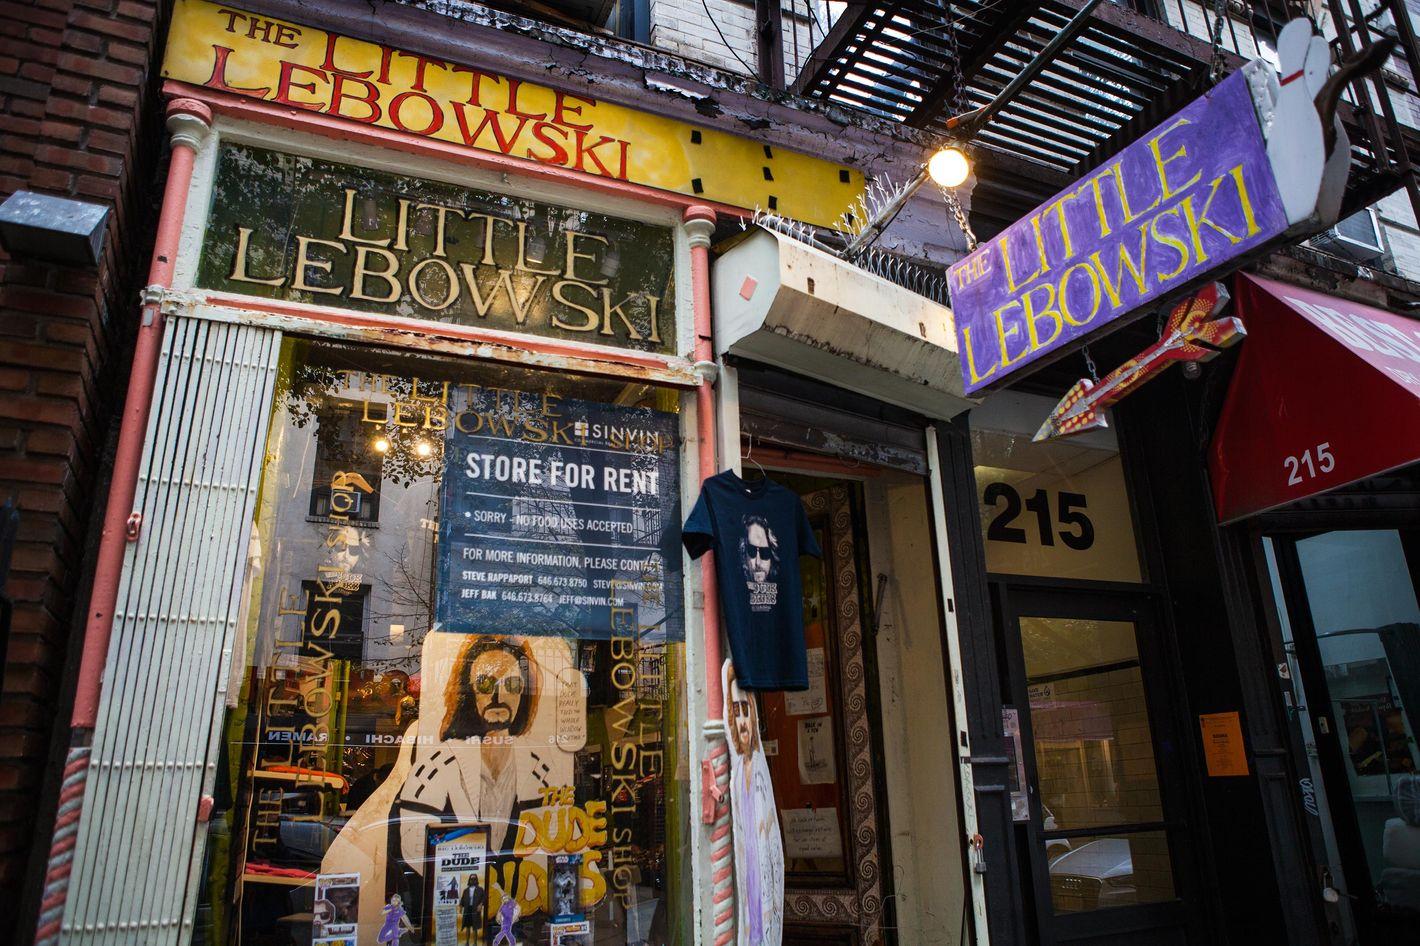 El gran lebowski tienda de regalos